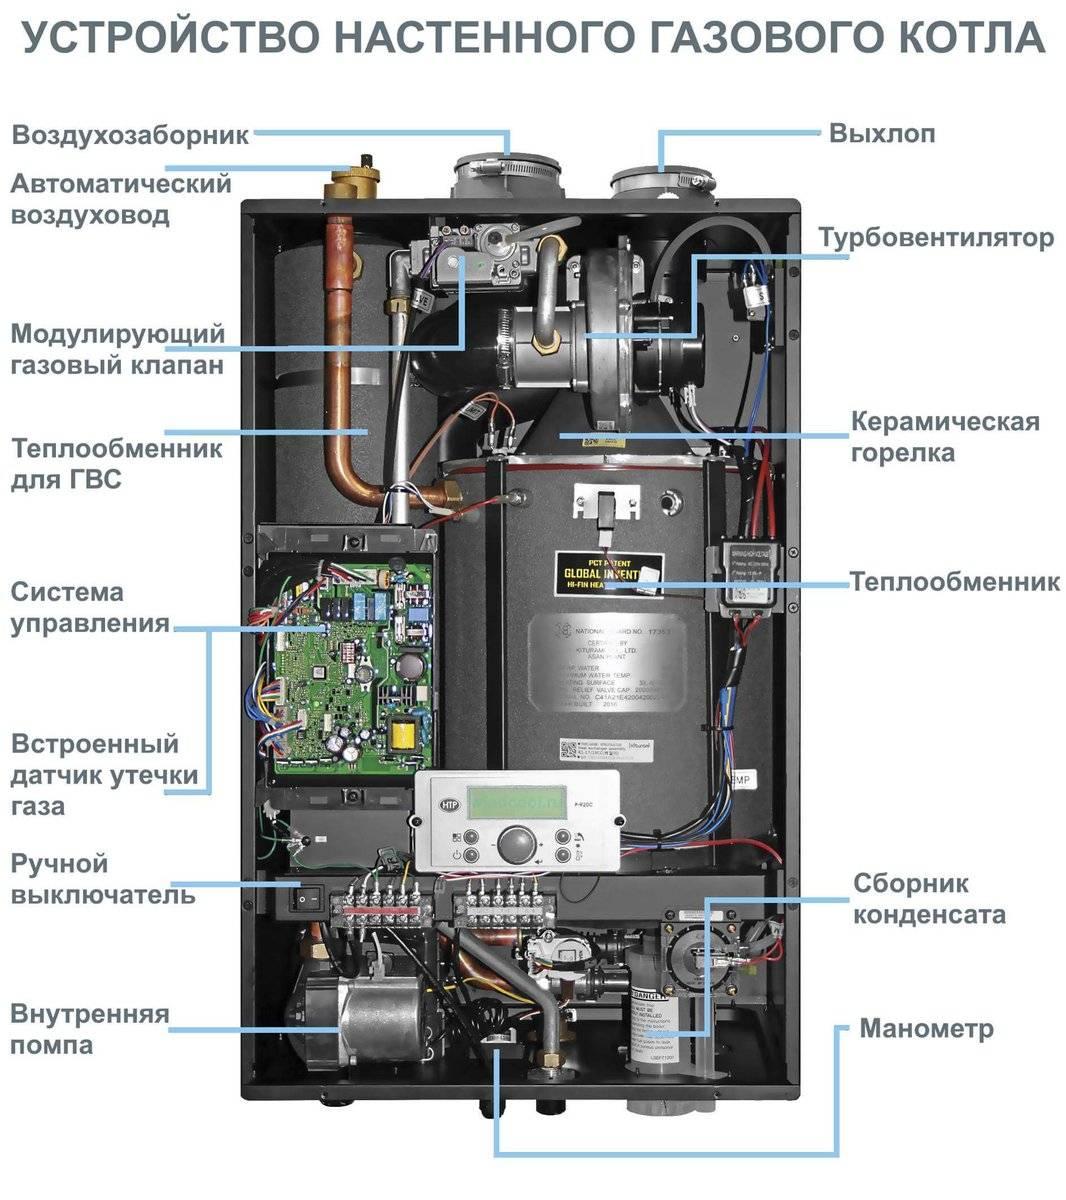 Как выбрать двухконтурный газовый котел отопления